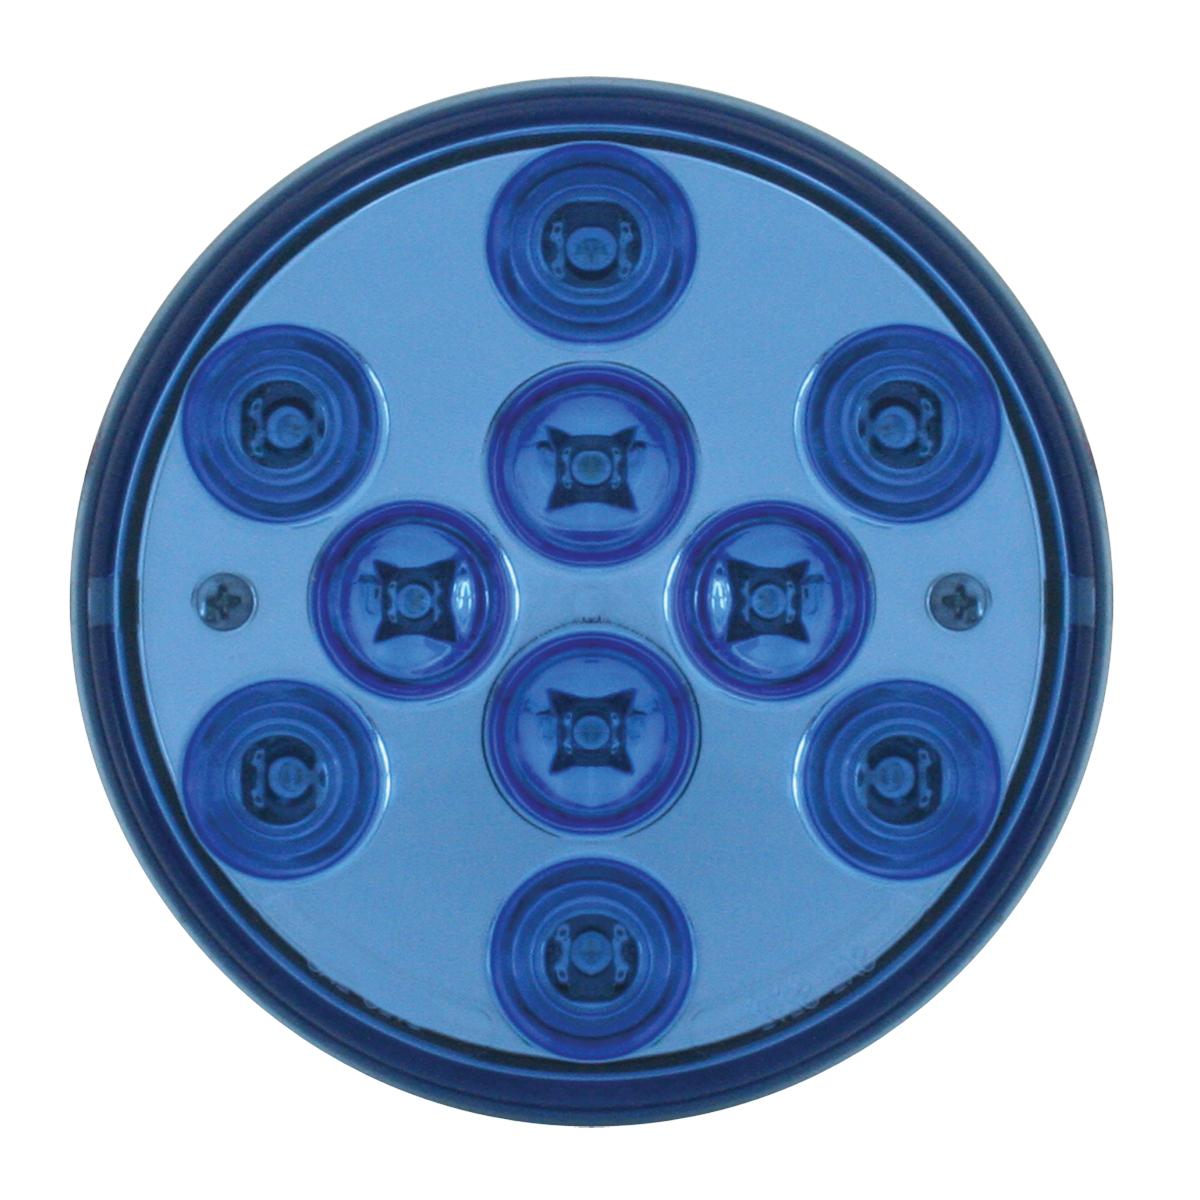 """76848 4"""" Mega 10 Plus LED Light in Blue/Blue"""